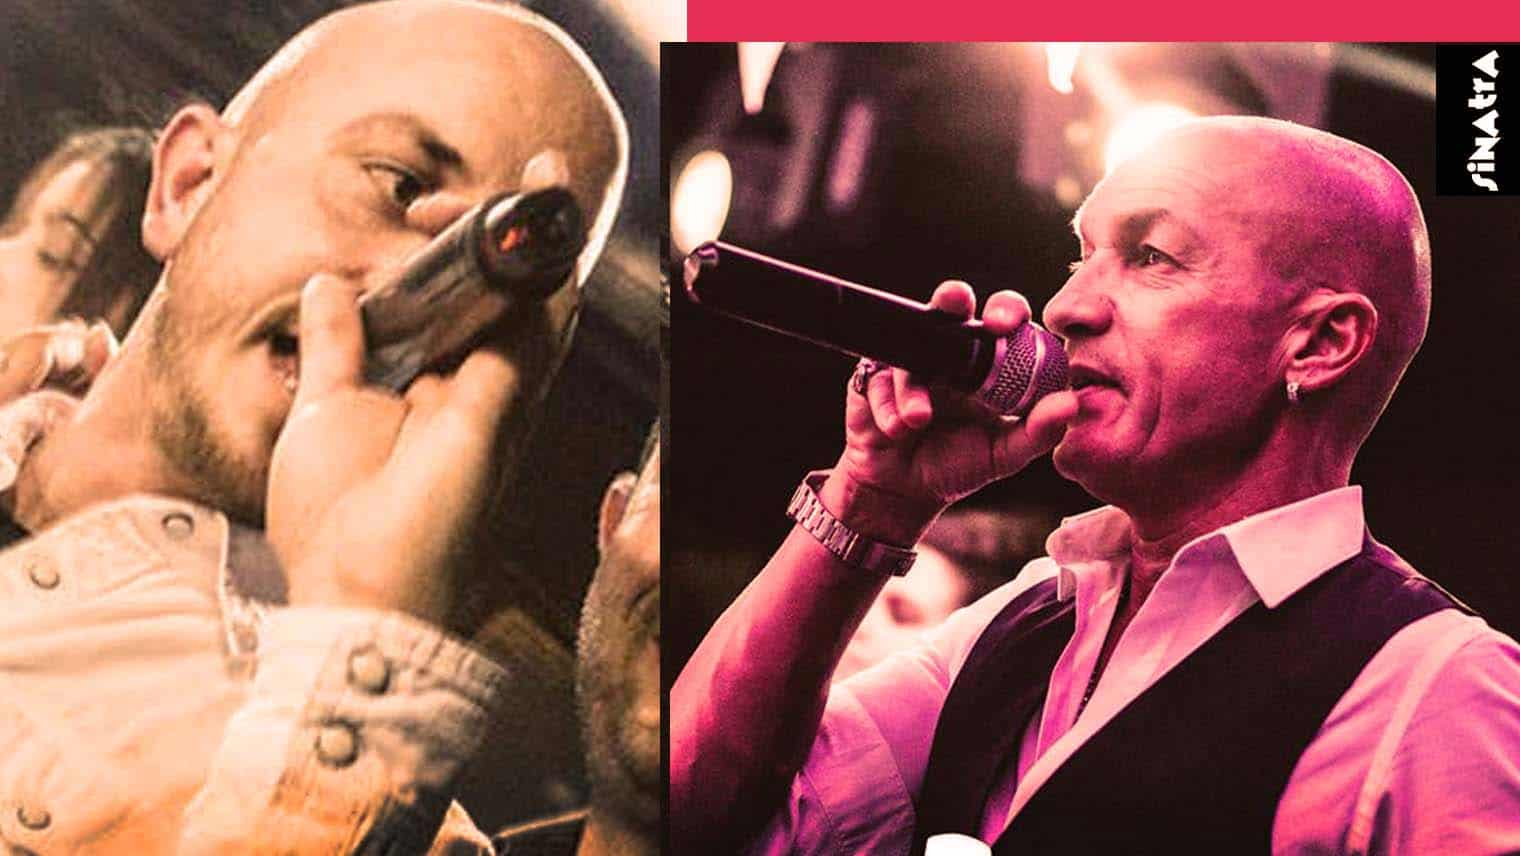 vocalist_in_discoteca_come_si_diventa_clubbing_culture_sinatra_ferrara_club.jpg